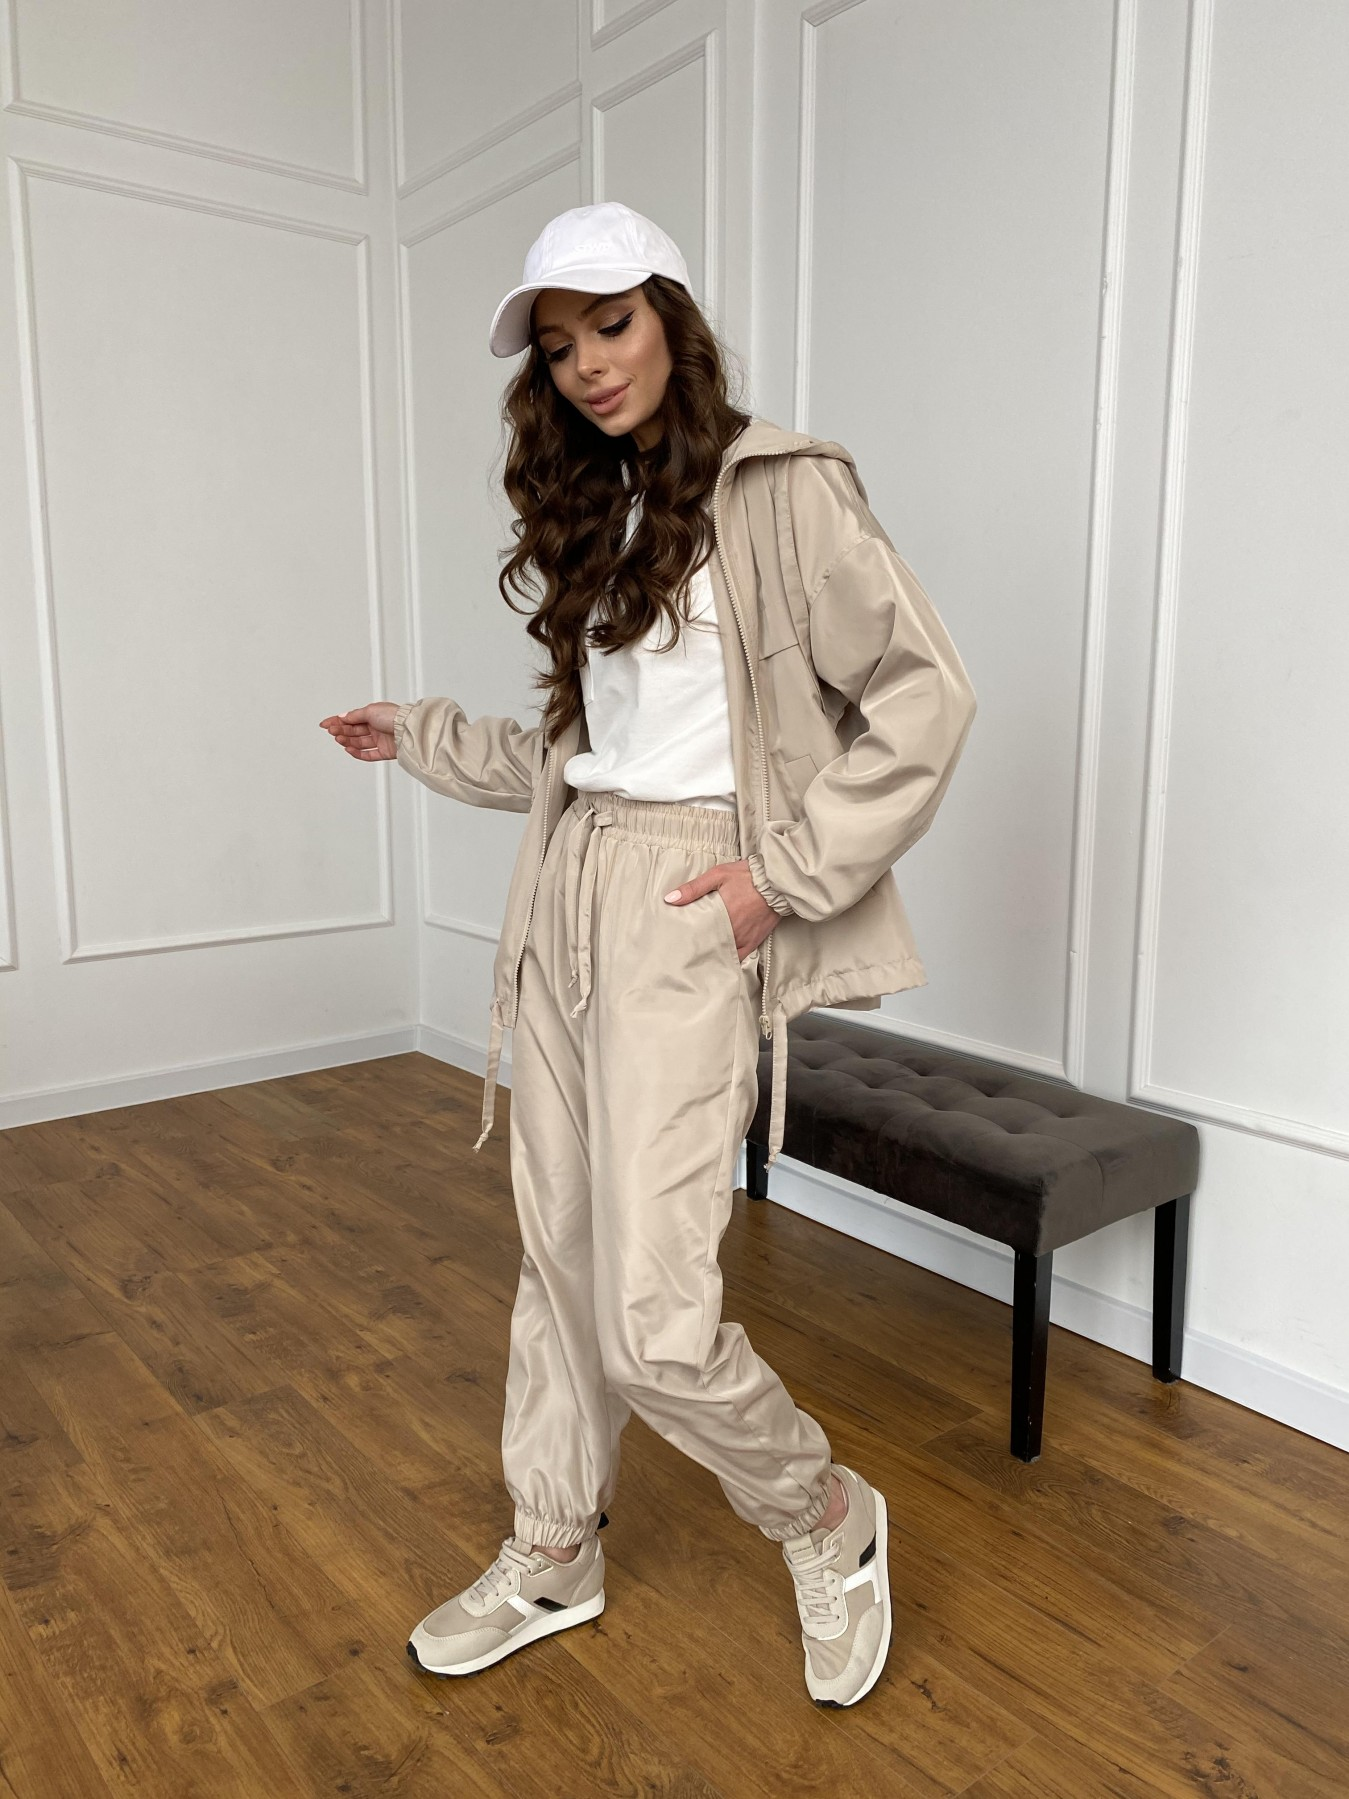 Фит костюм из плащевой ткани 11005 АРТ. 47502 Цвет: Бежевый - фото 15, интернет магазин tm-modus.ru